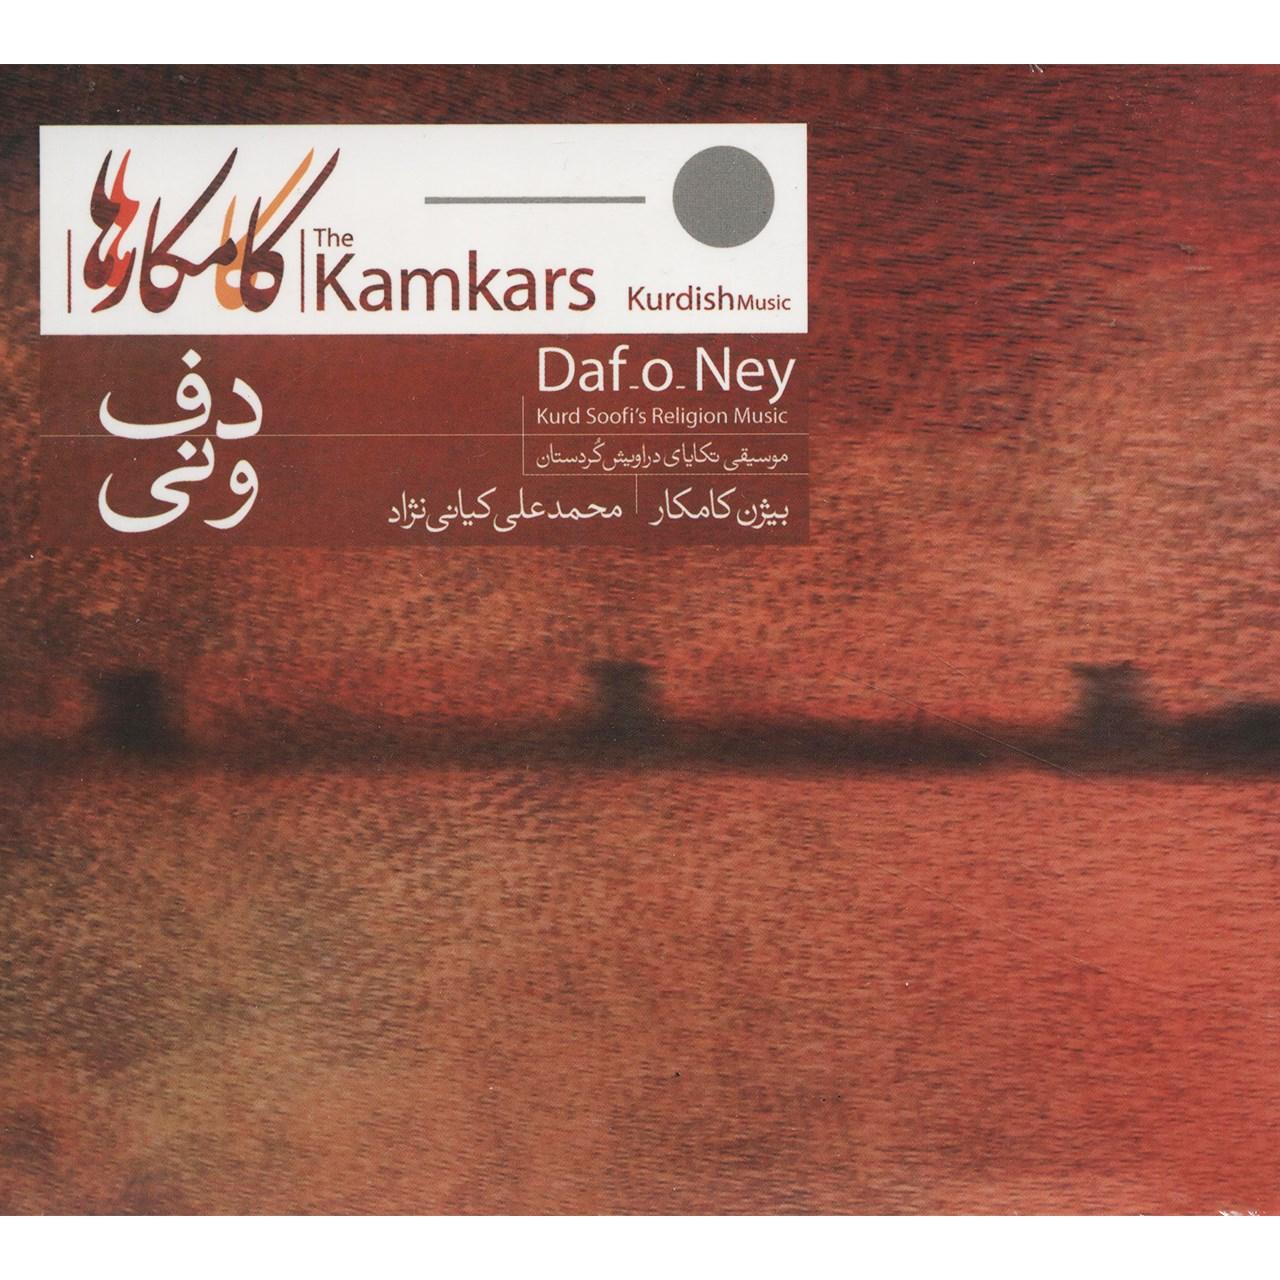 آلبوم موسیقی دف و نی - بیژن کامکار